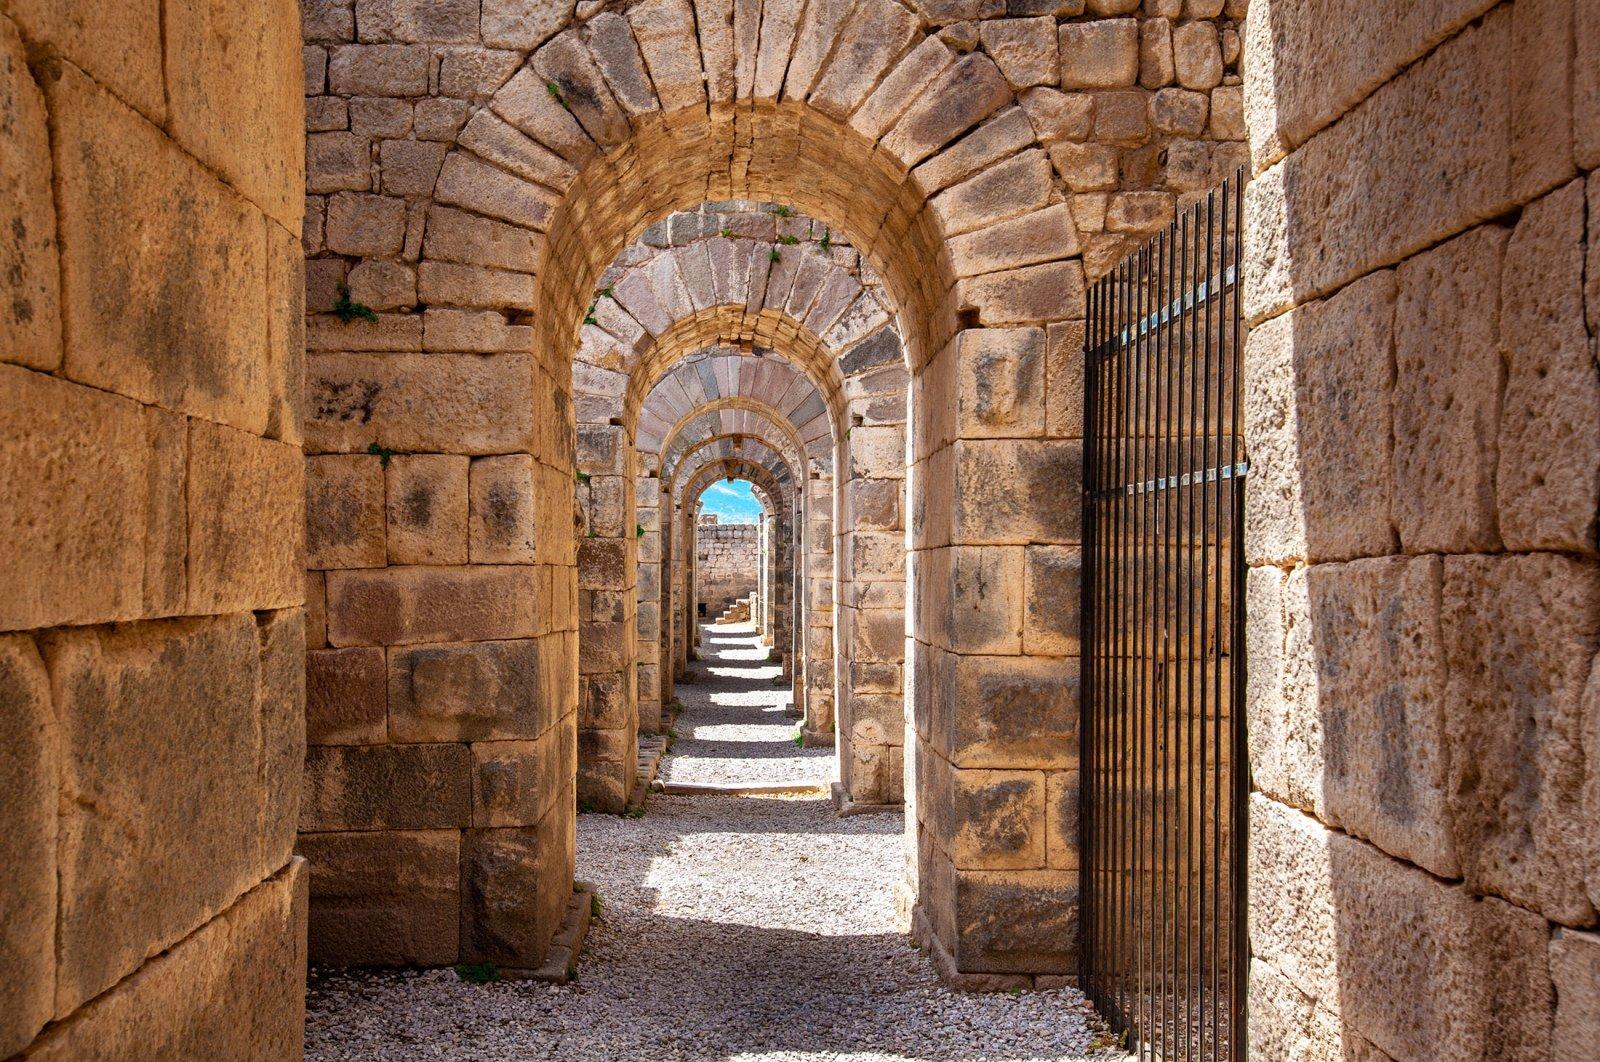 An ancient archway at UNESCO world heritage site Pergamon in Izmir, western Turkey.  (Shutterstock Photo)